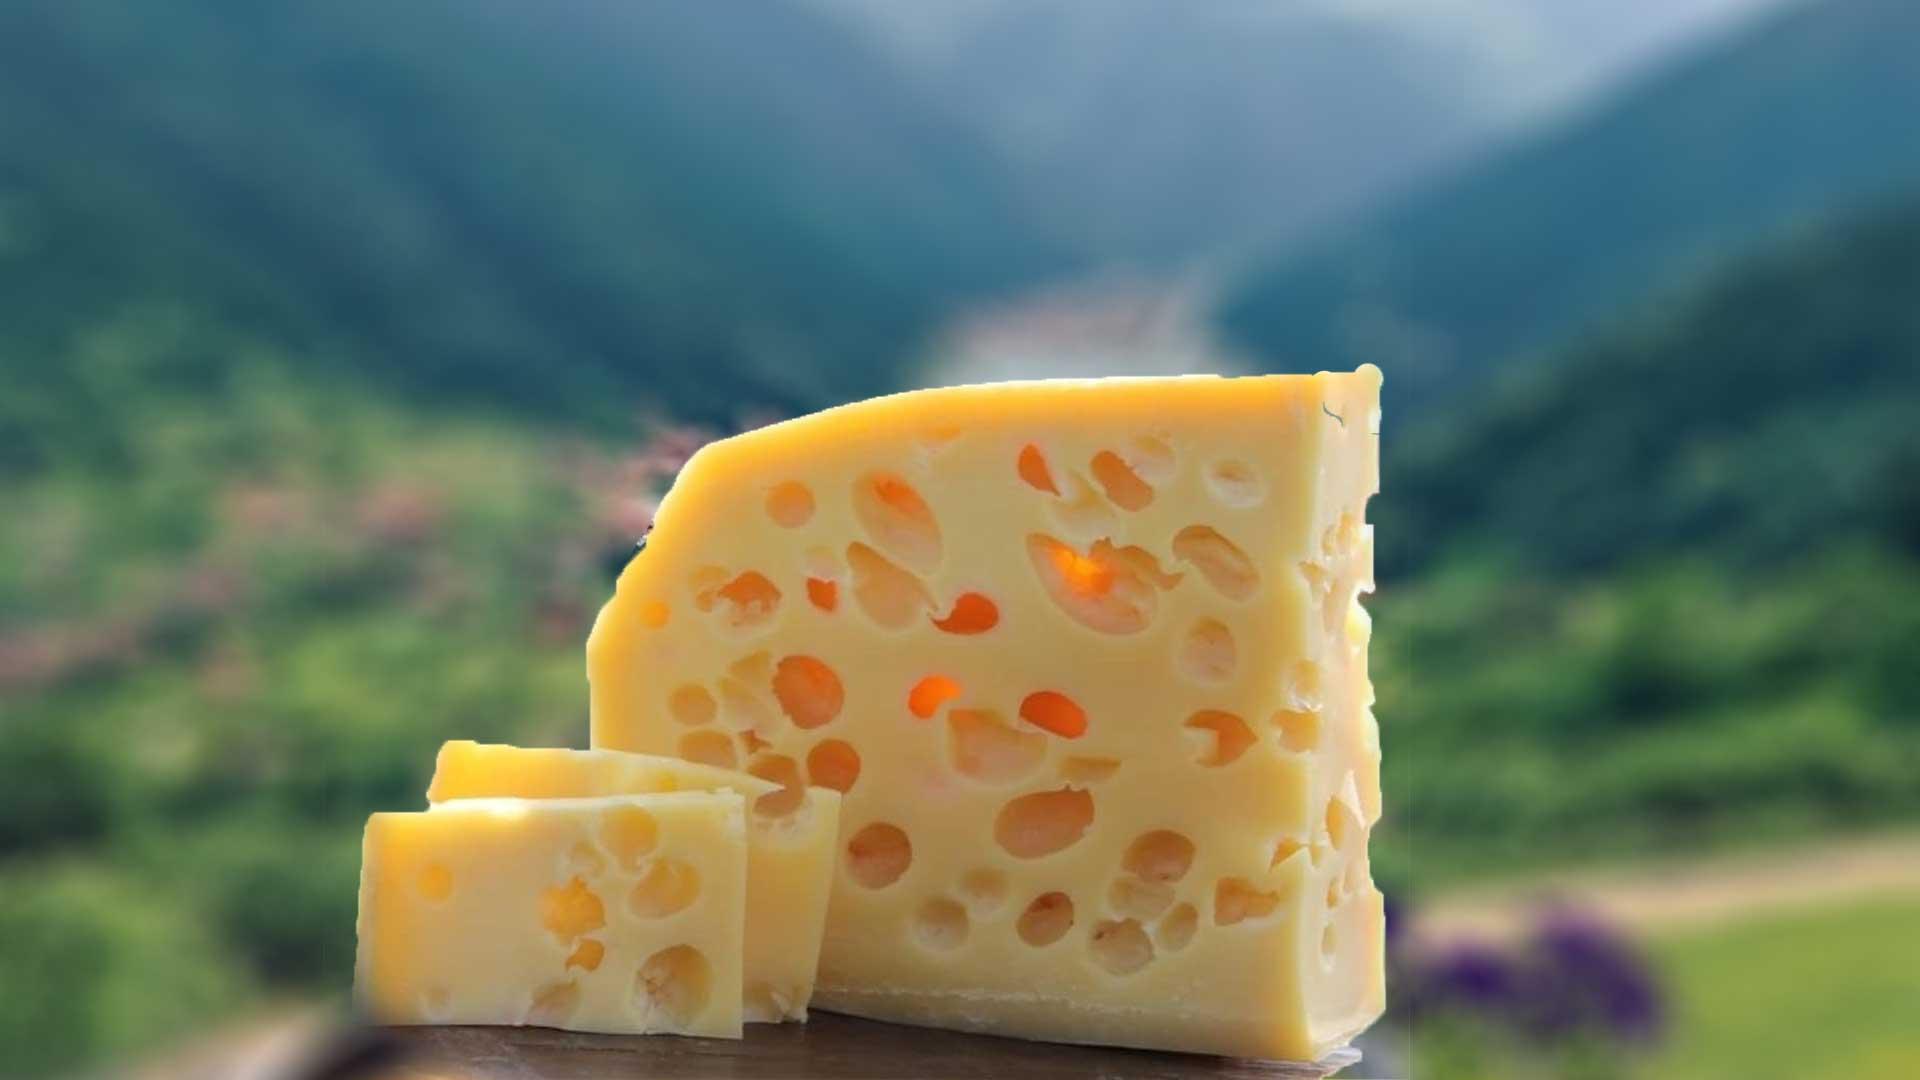 Dünyanın En Büyük Peynir İhracatı Yapan Ülkeleri?fit=thumb&w=418&h=152&q=80